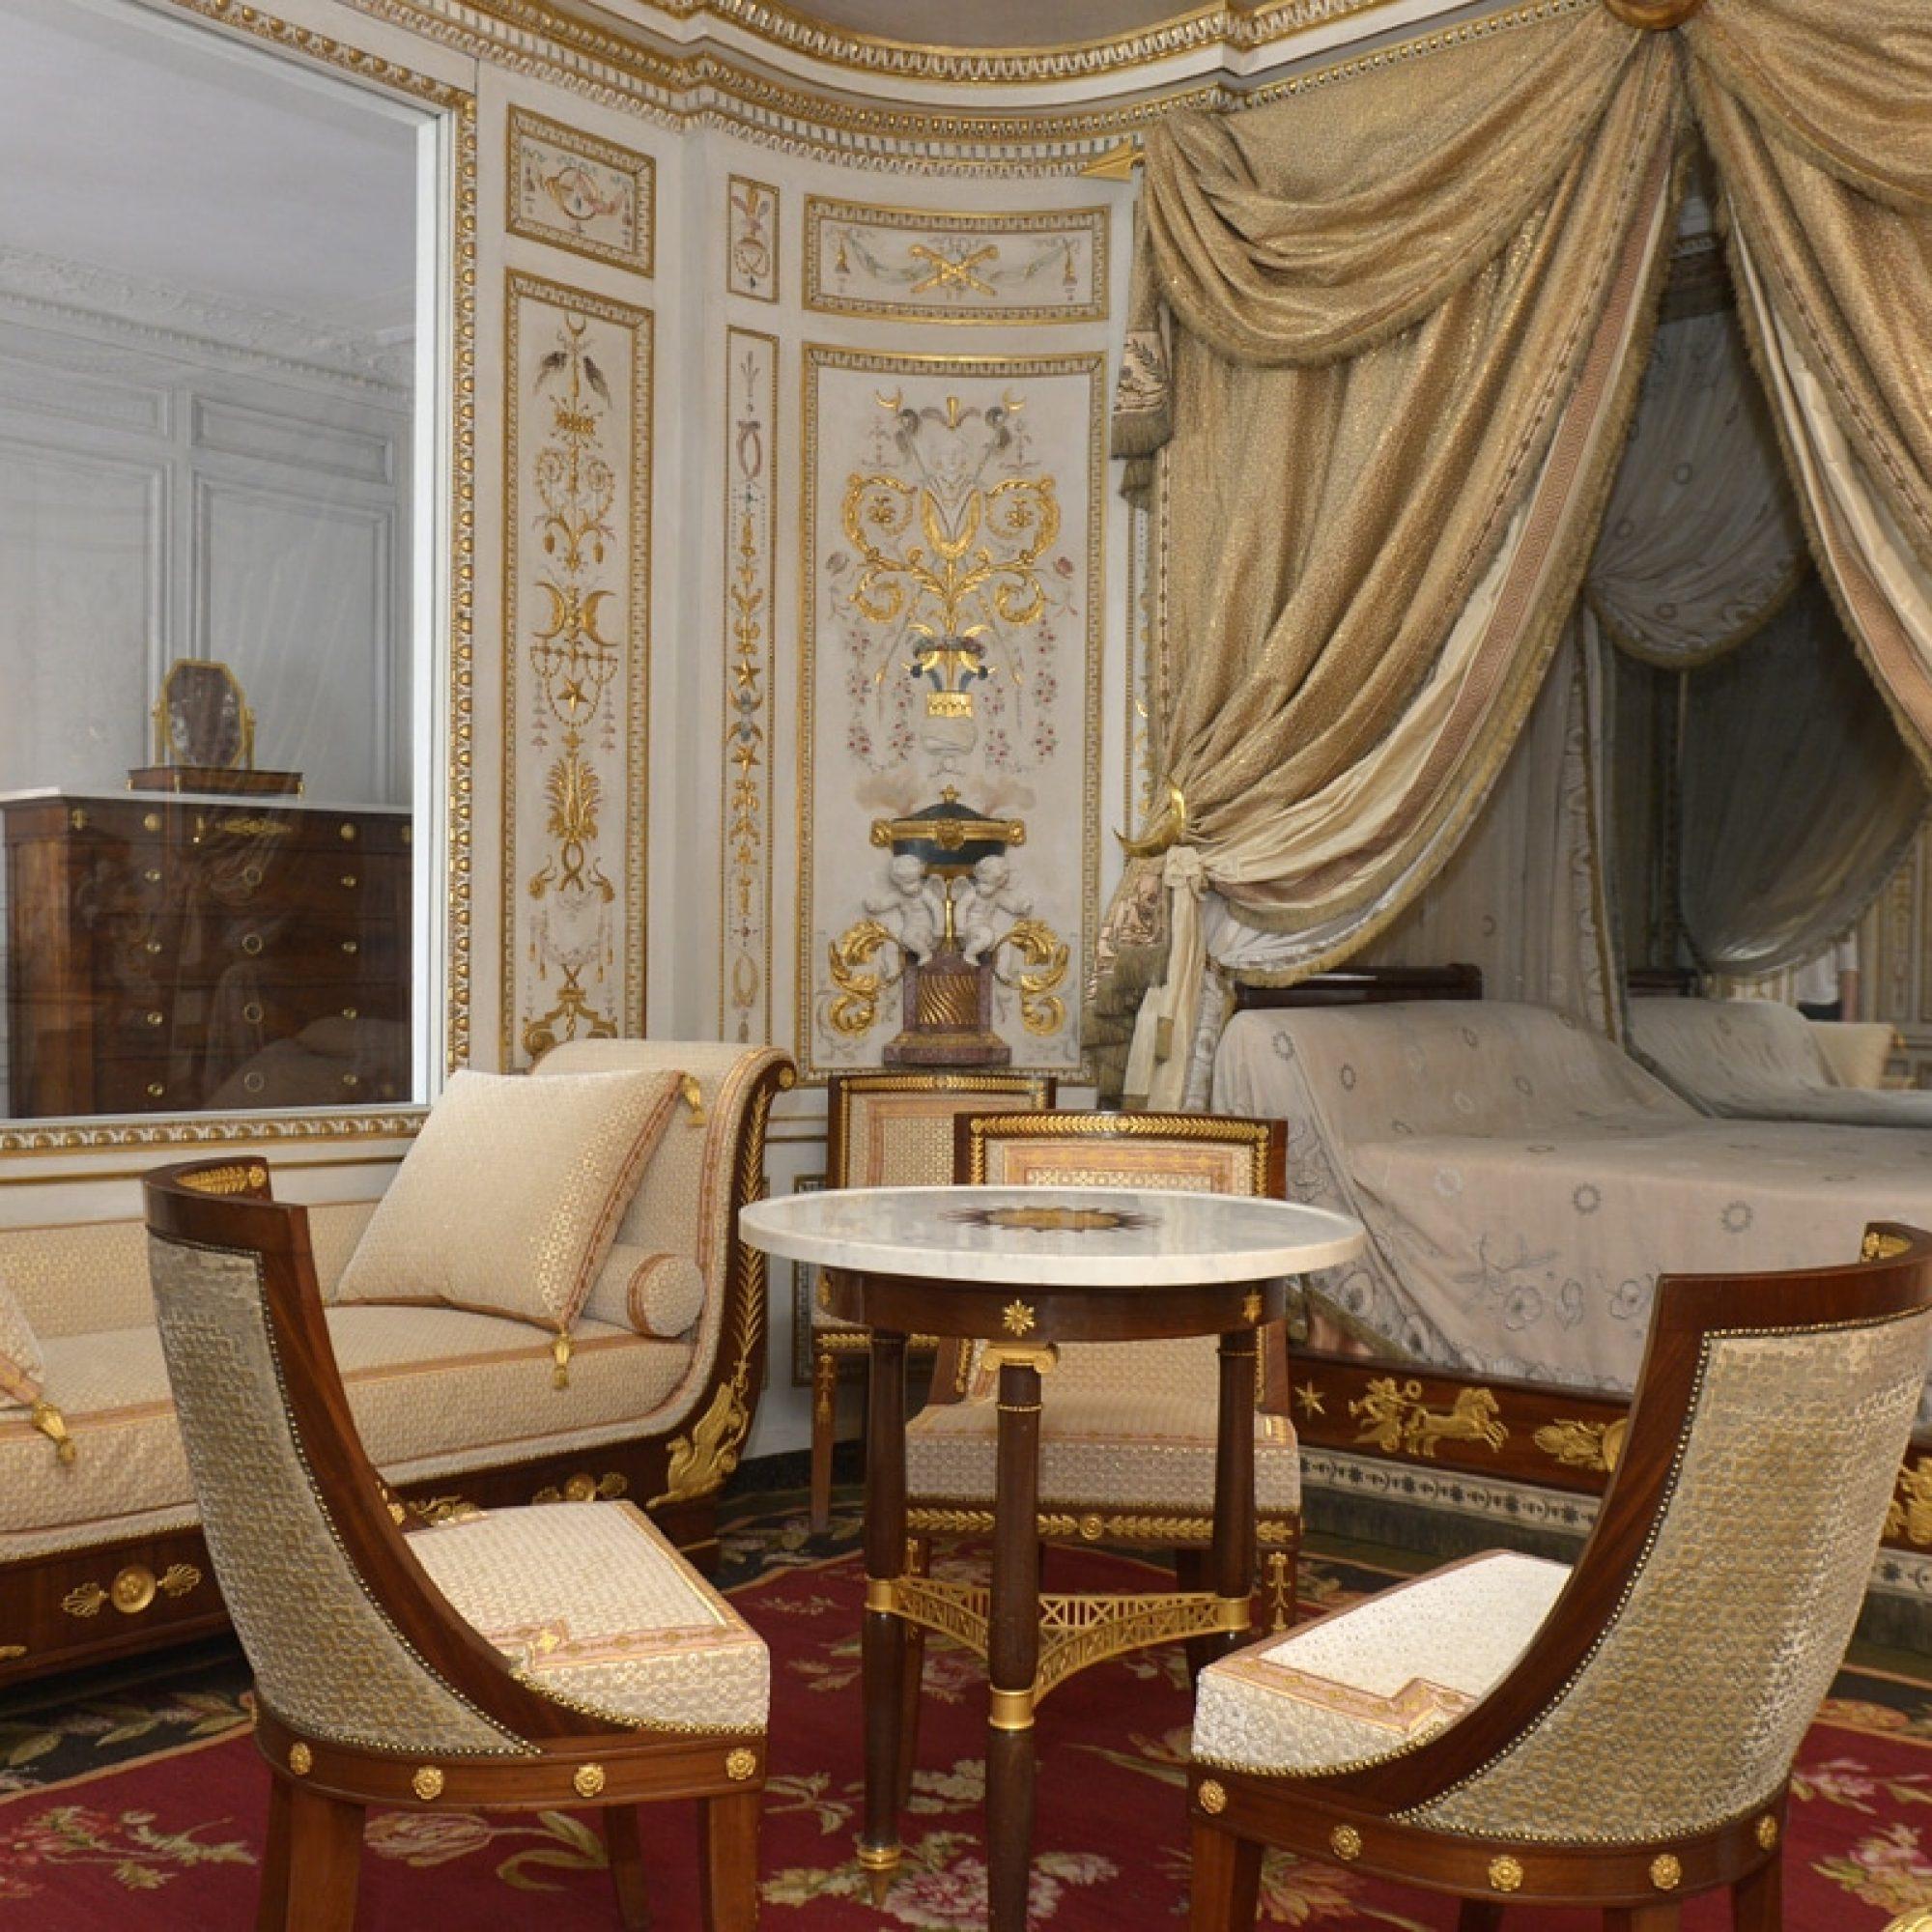 Visites guidées du boudoir Turc du château de Fontainebleau